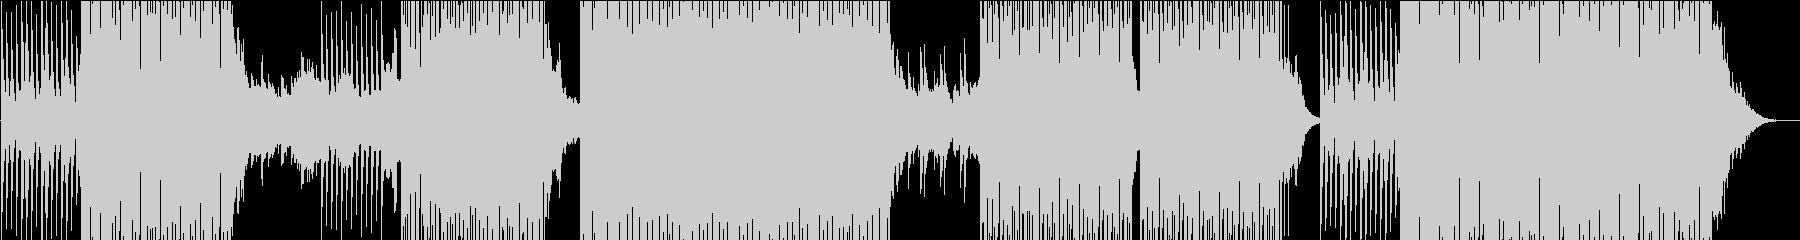 ゆったりMoombahton系EDMの未再生の波形